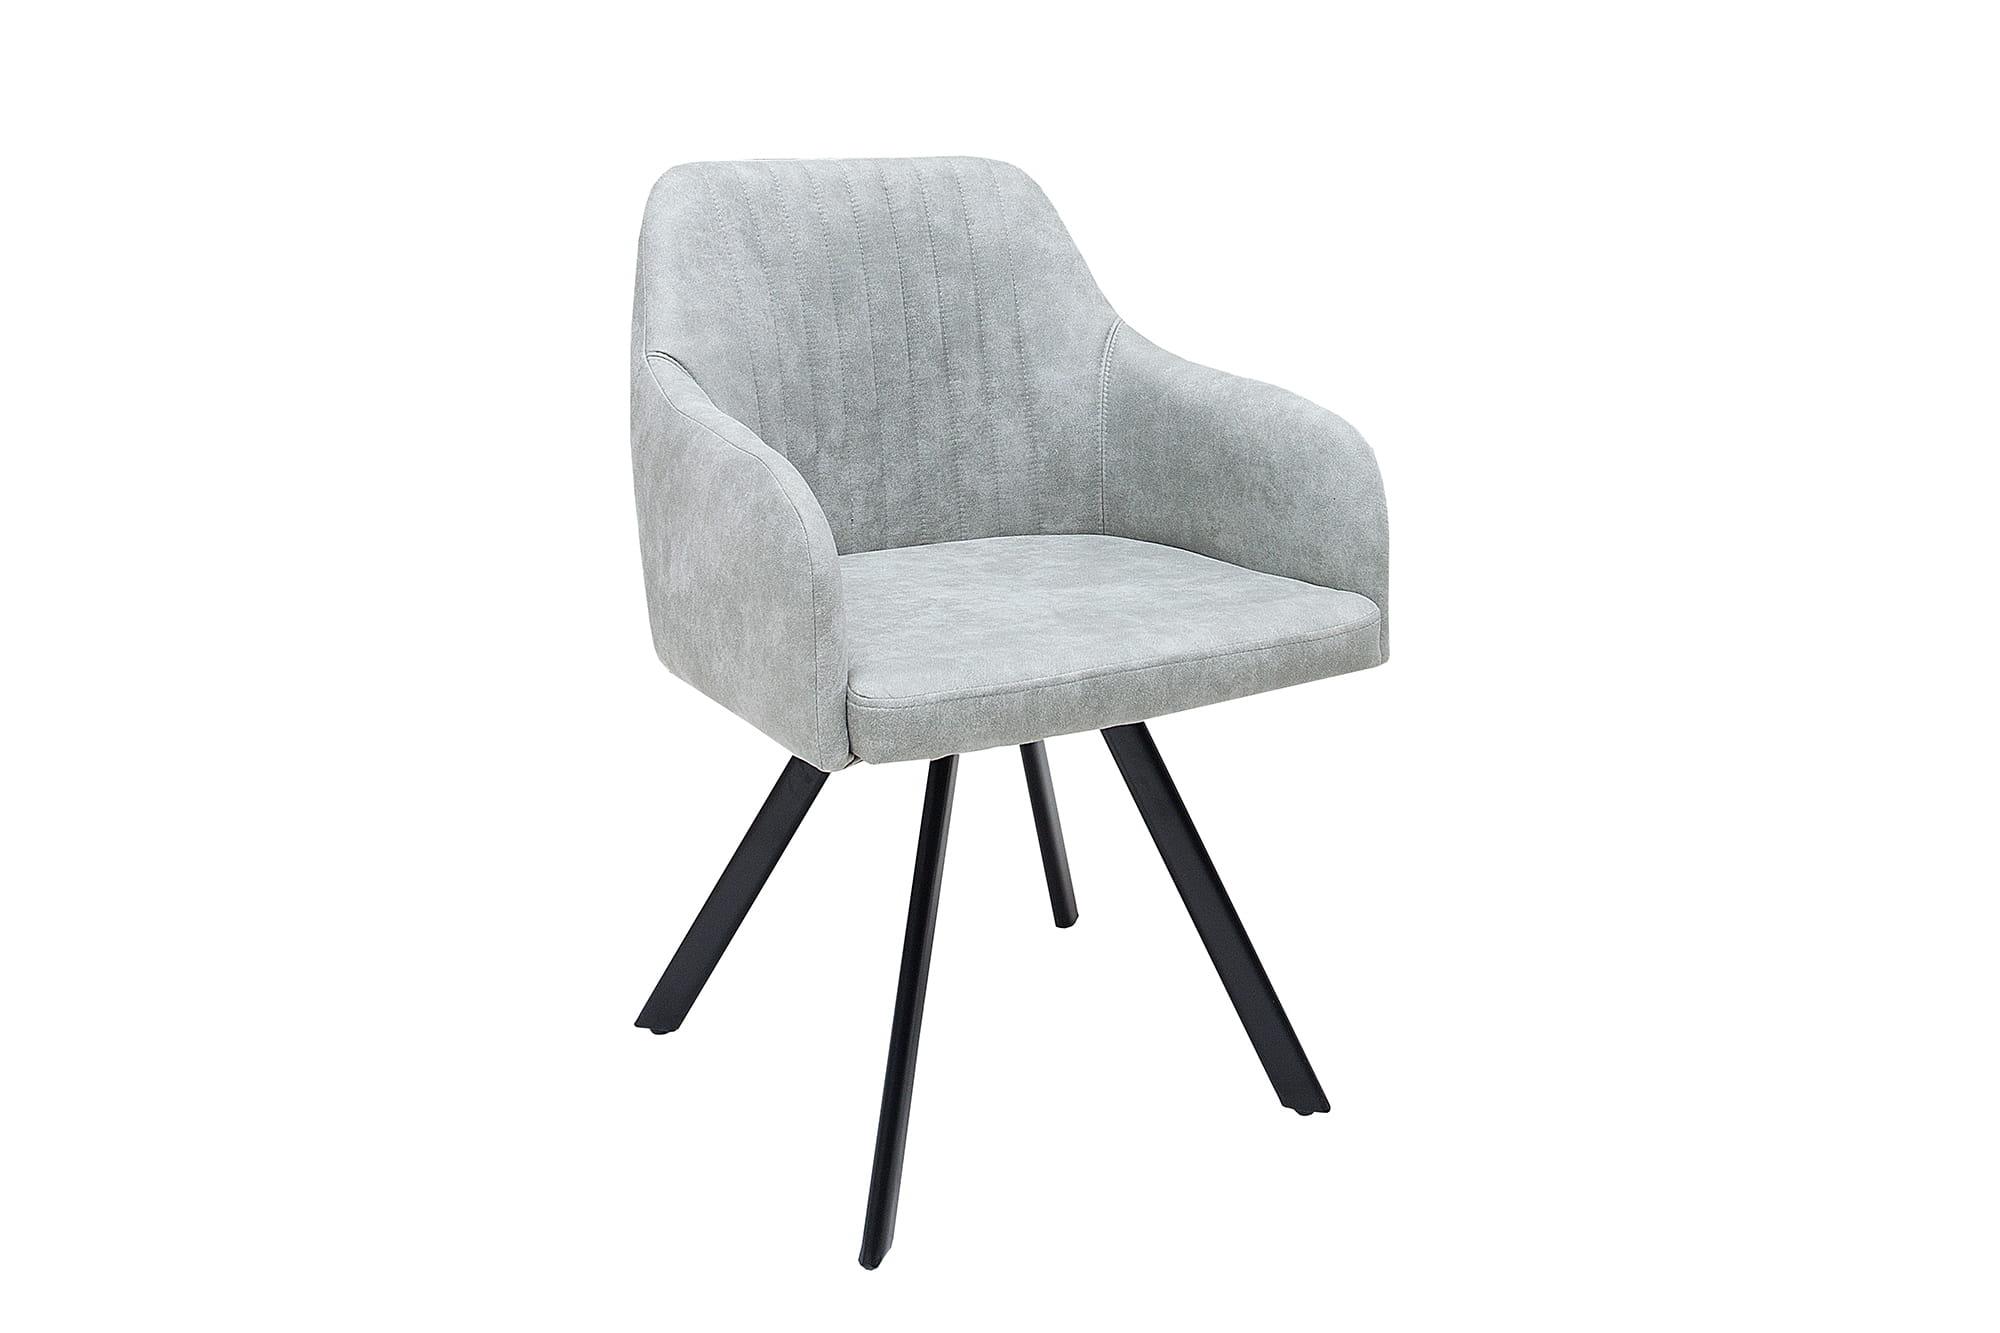 Krzesło Carlo kamienny szary